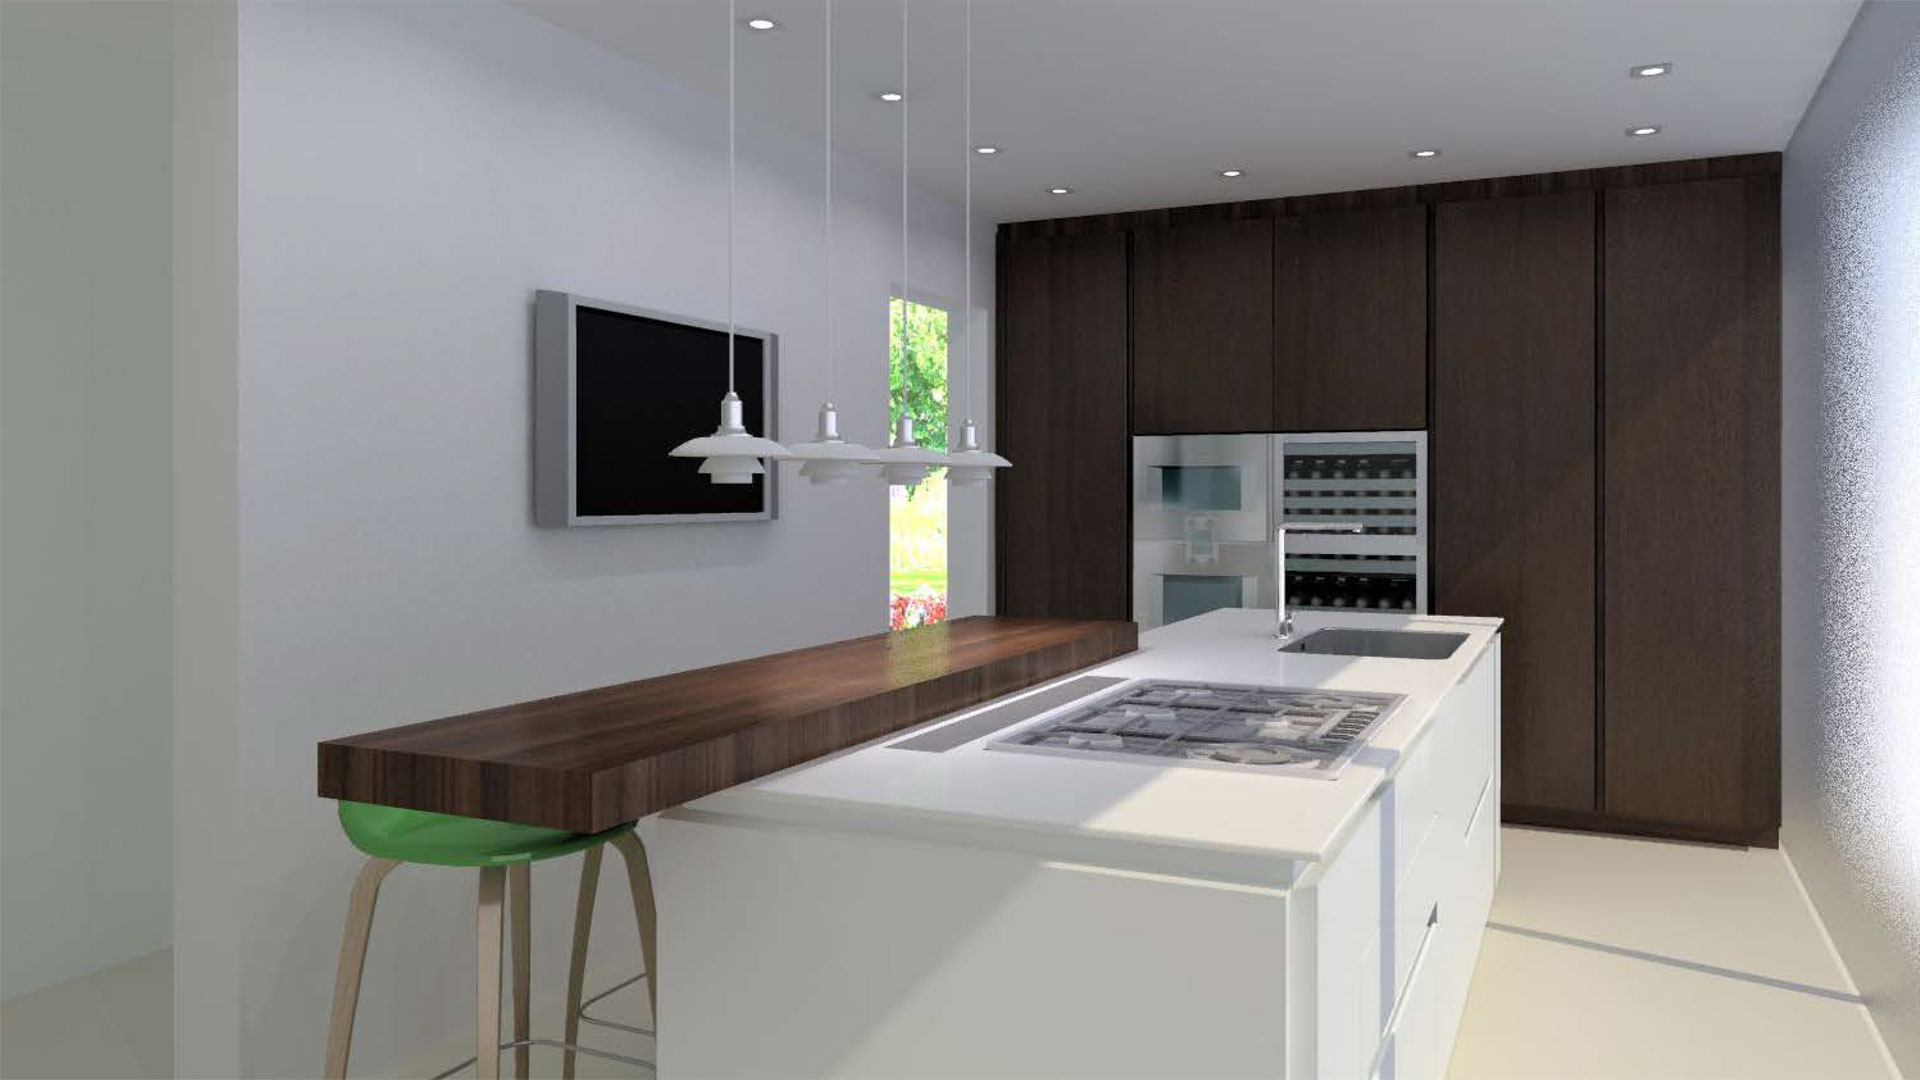 st fanka architecte d 39 int rieur architecte d 39 int rieur lausanne. Black Bedroom Furniture Sets. Home Design Ideas